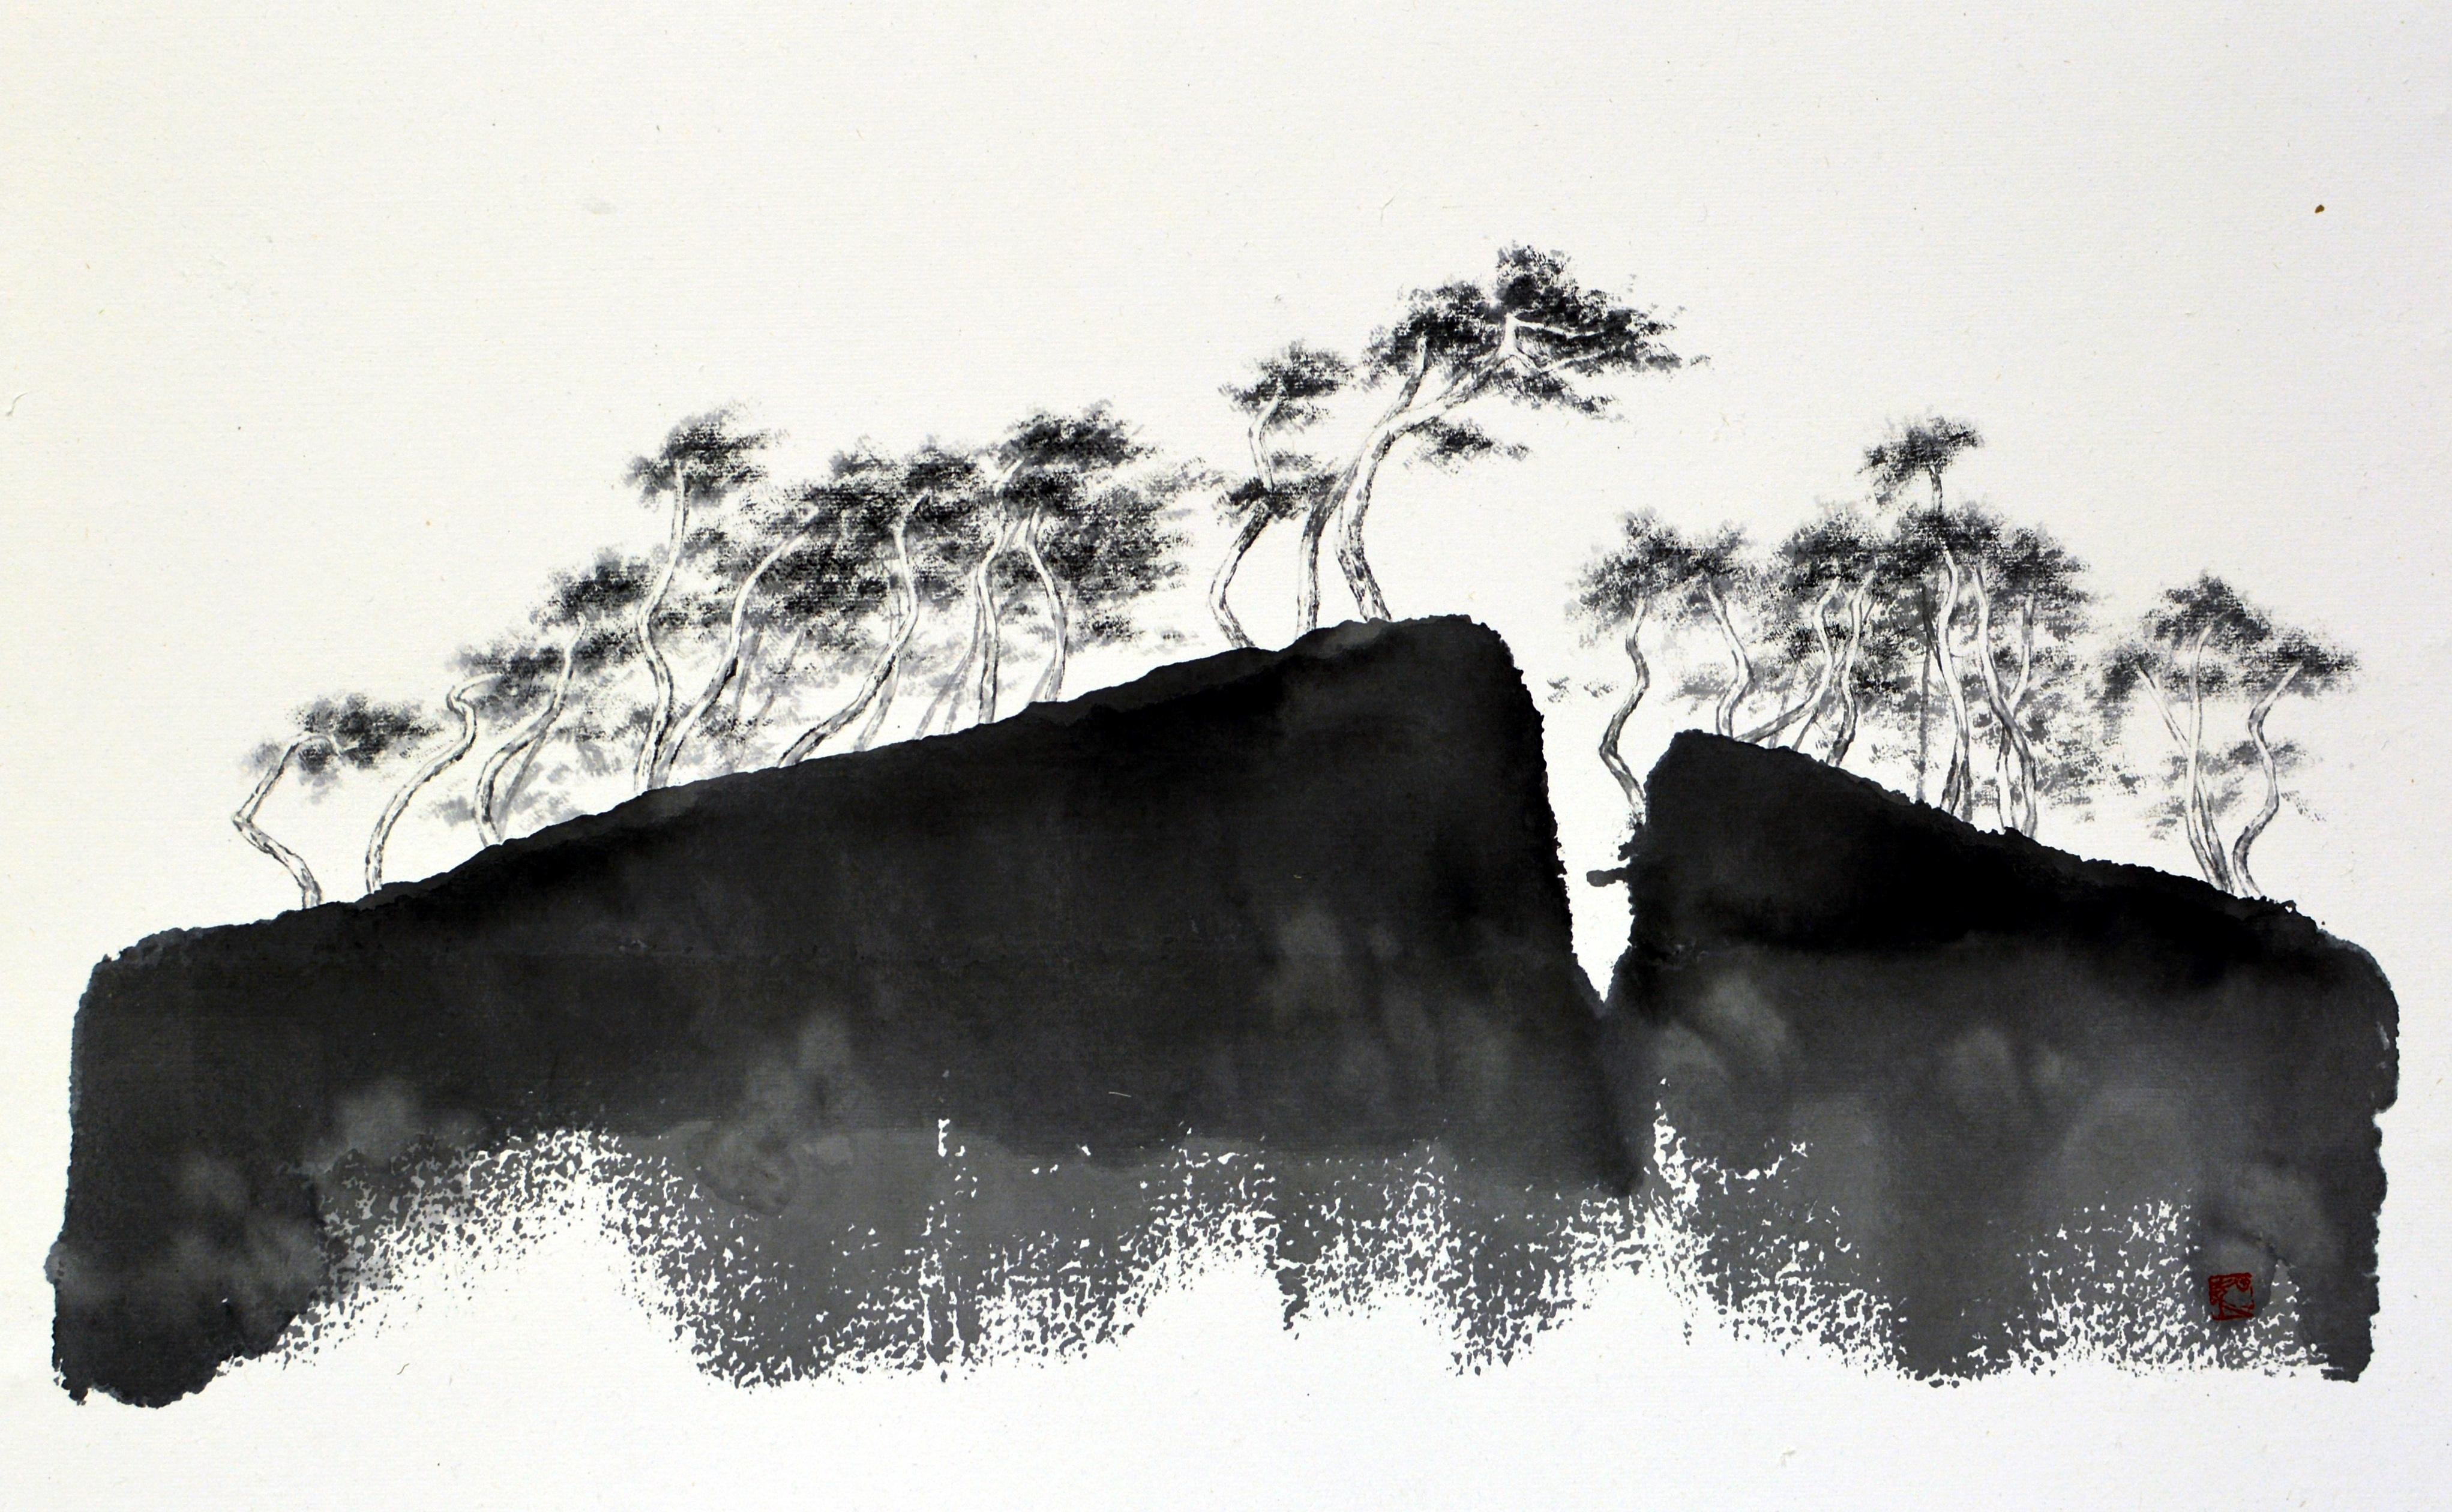 형제섬, 53.3x35cm, 화선지에 수묵, 2016